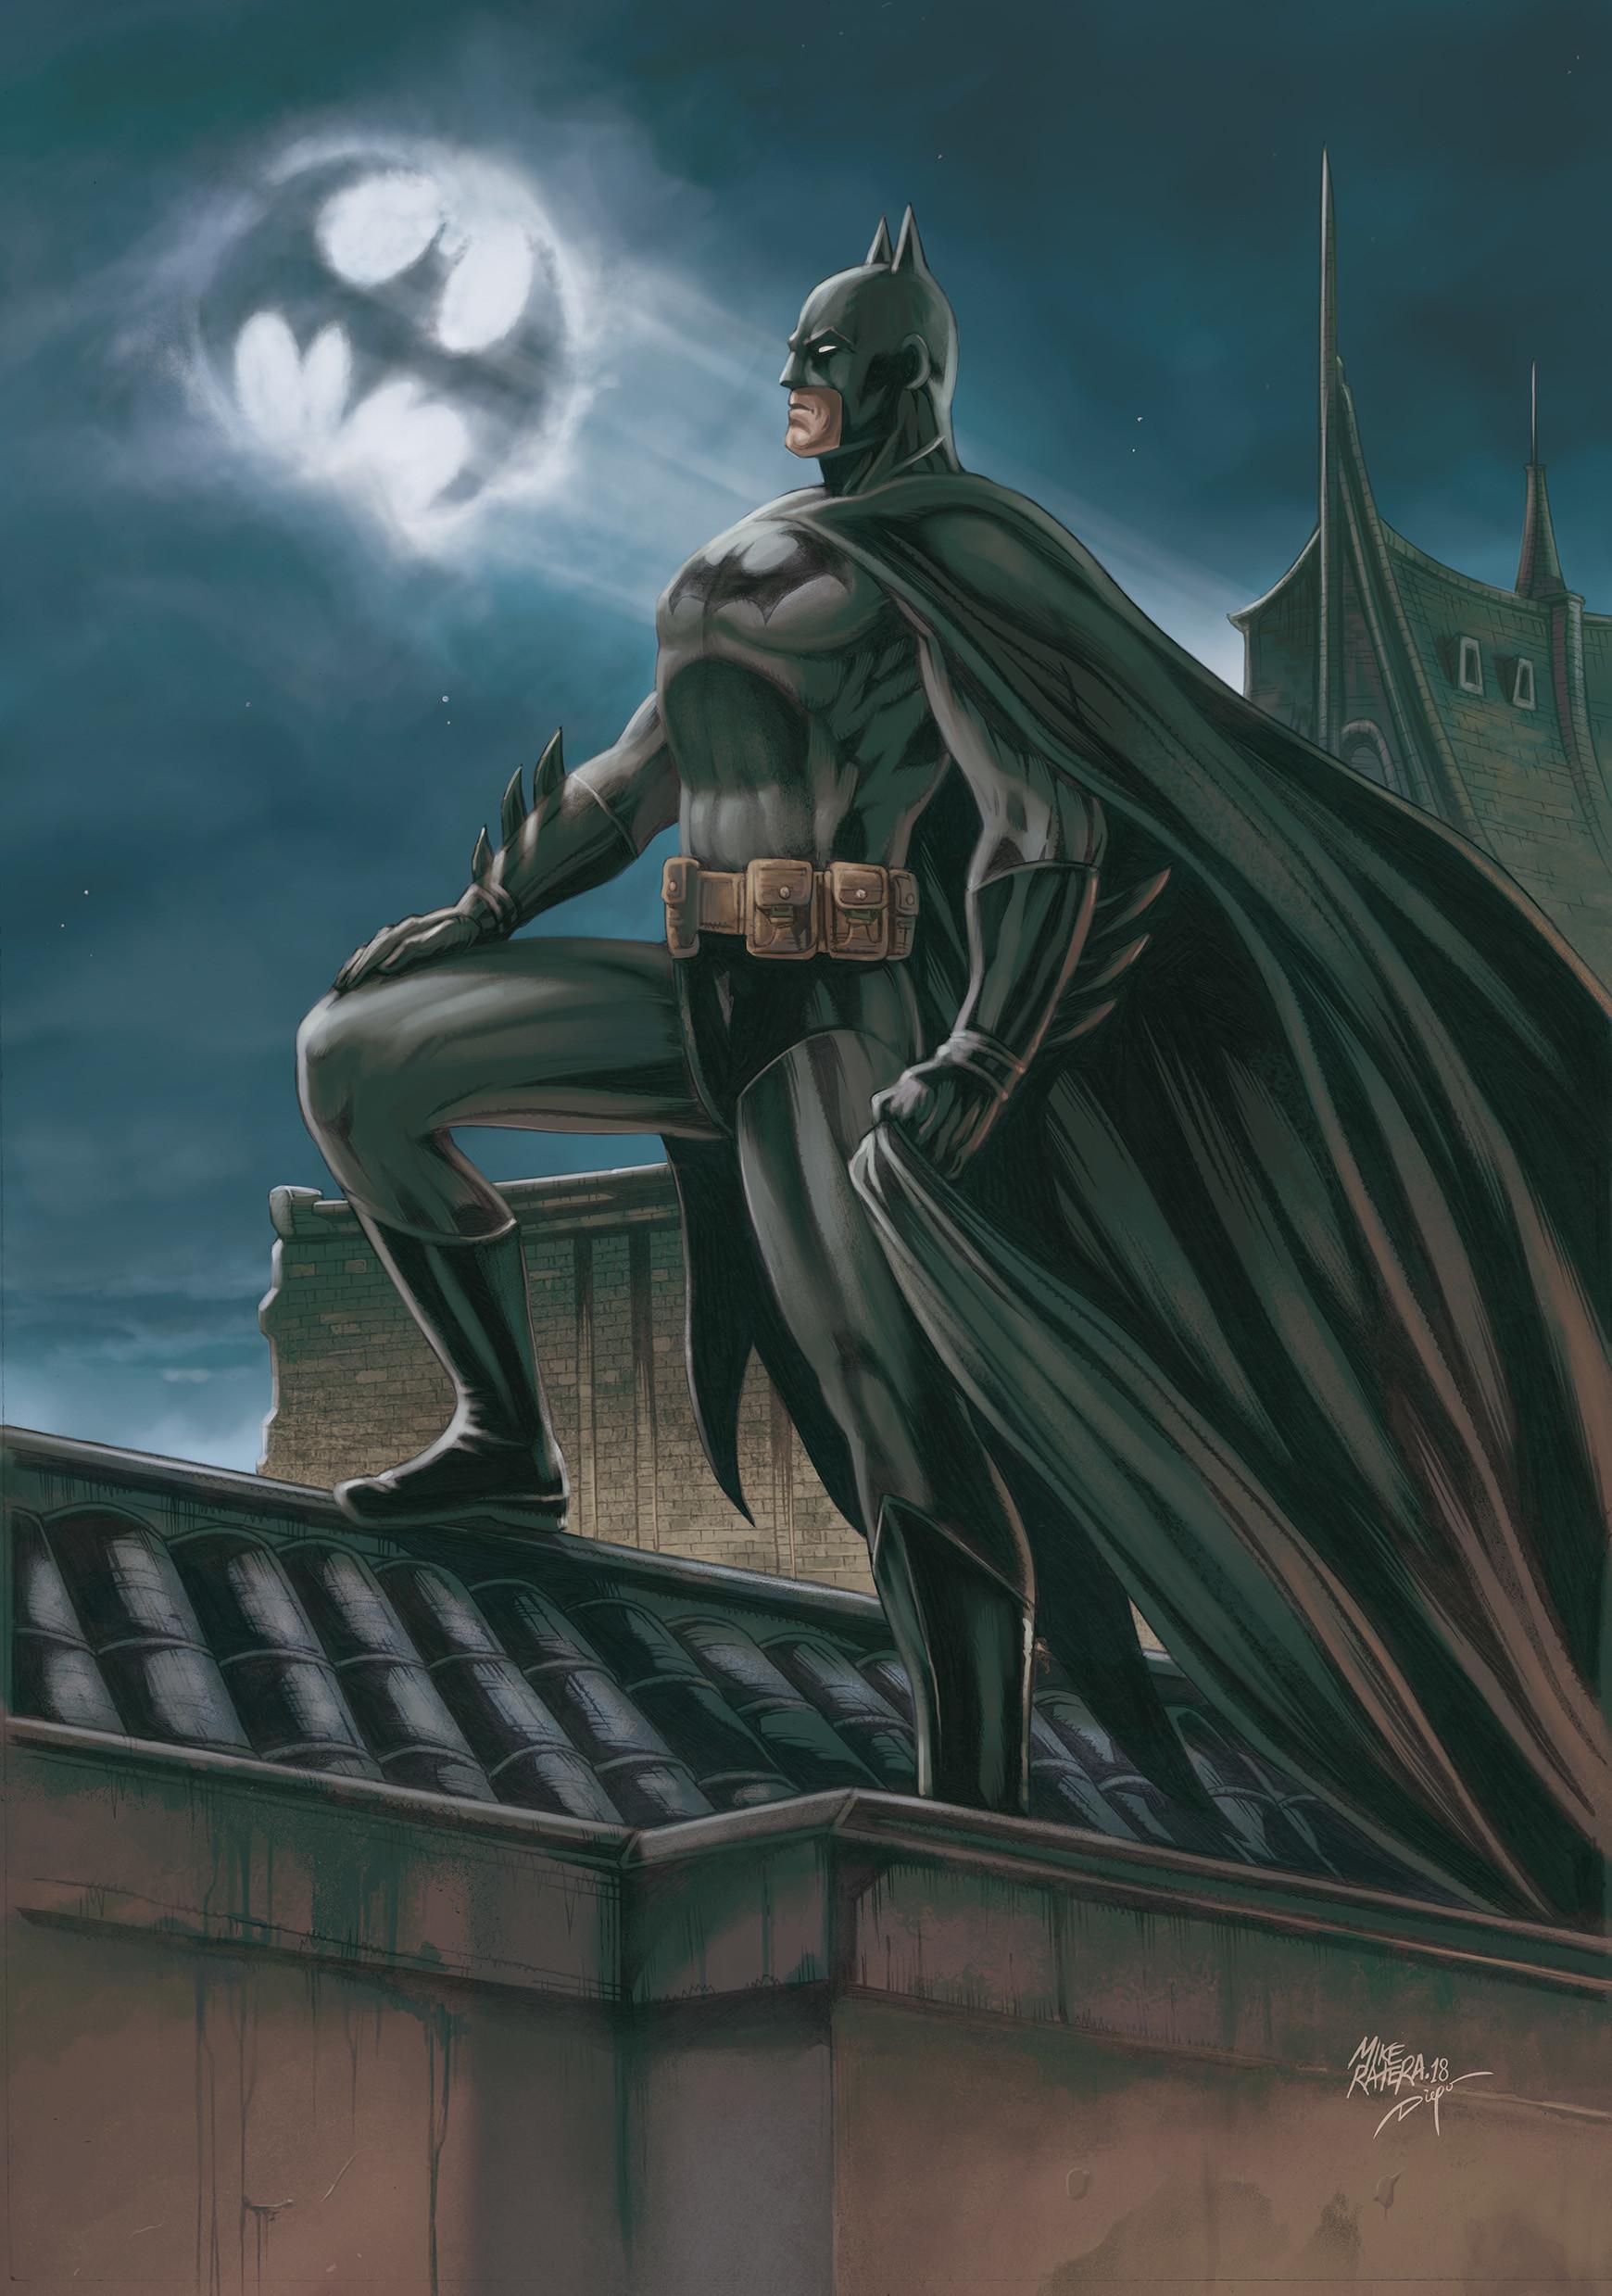 Mike ratera batman 01 a3 color